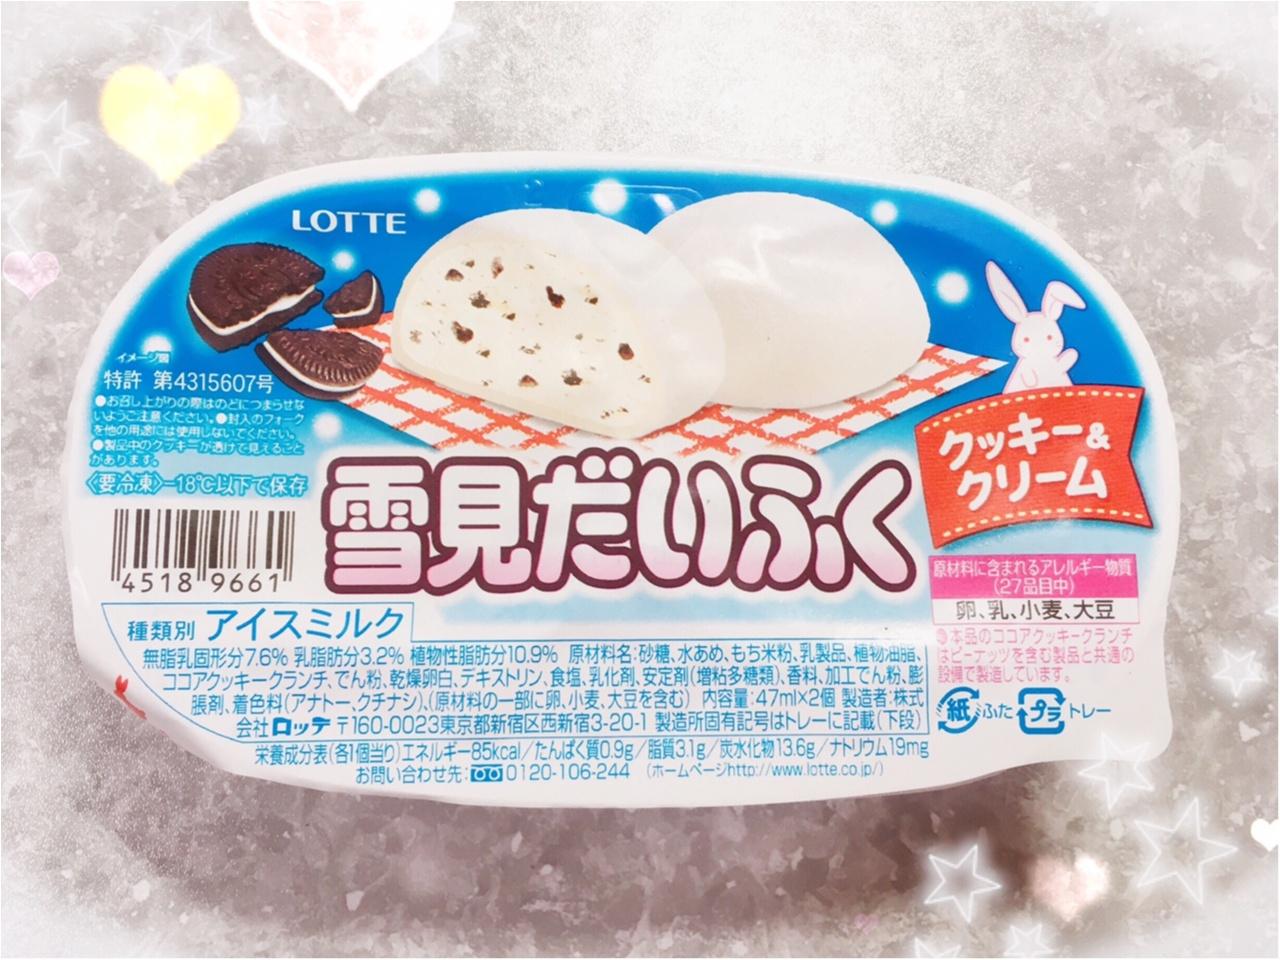 あなたはもう食べた?『雪見だいふく×クッキー&クリーム』の夢の共演!(*>ω<*)♡_1